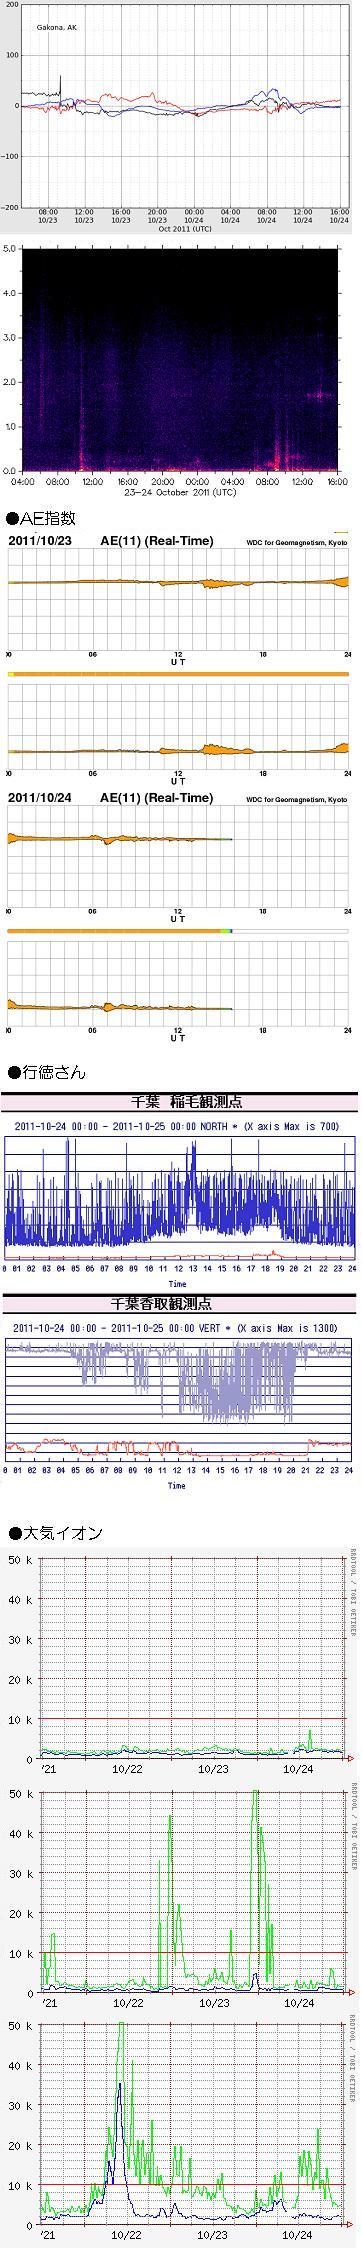 1025-1 データ